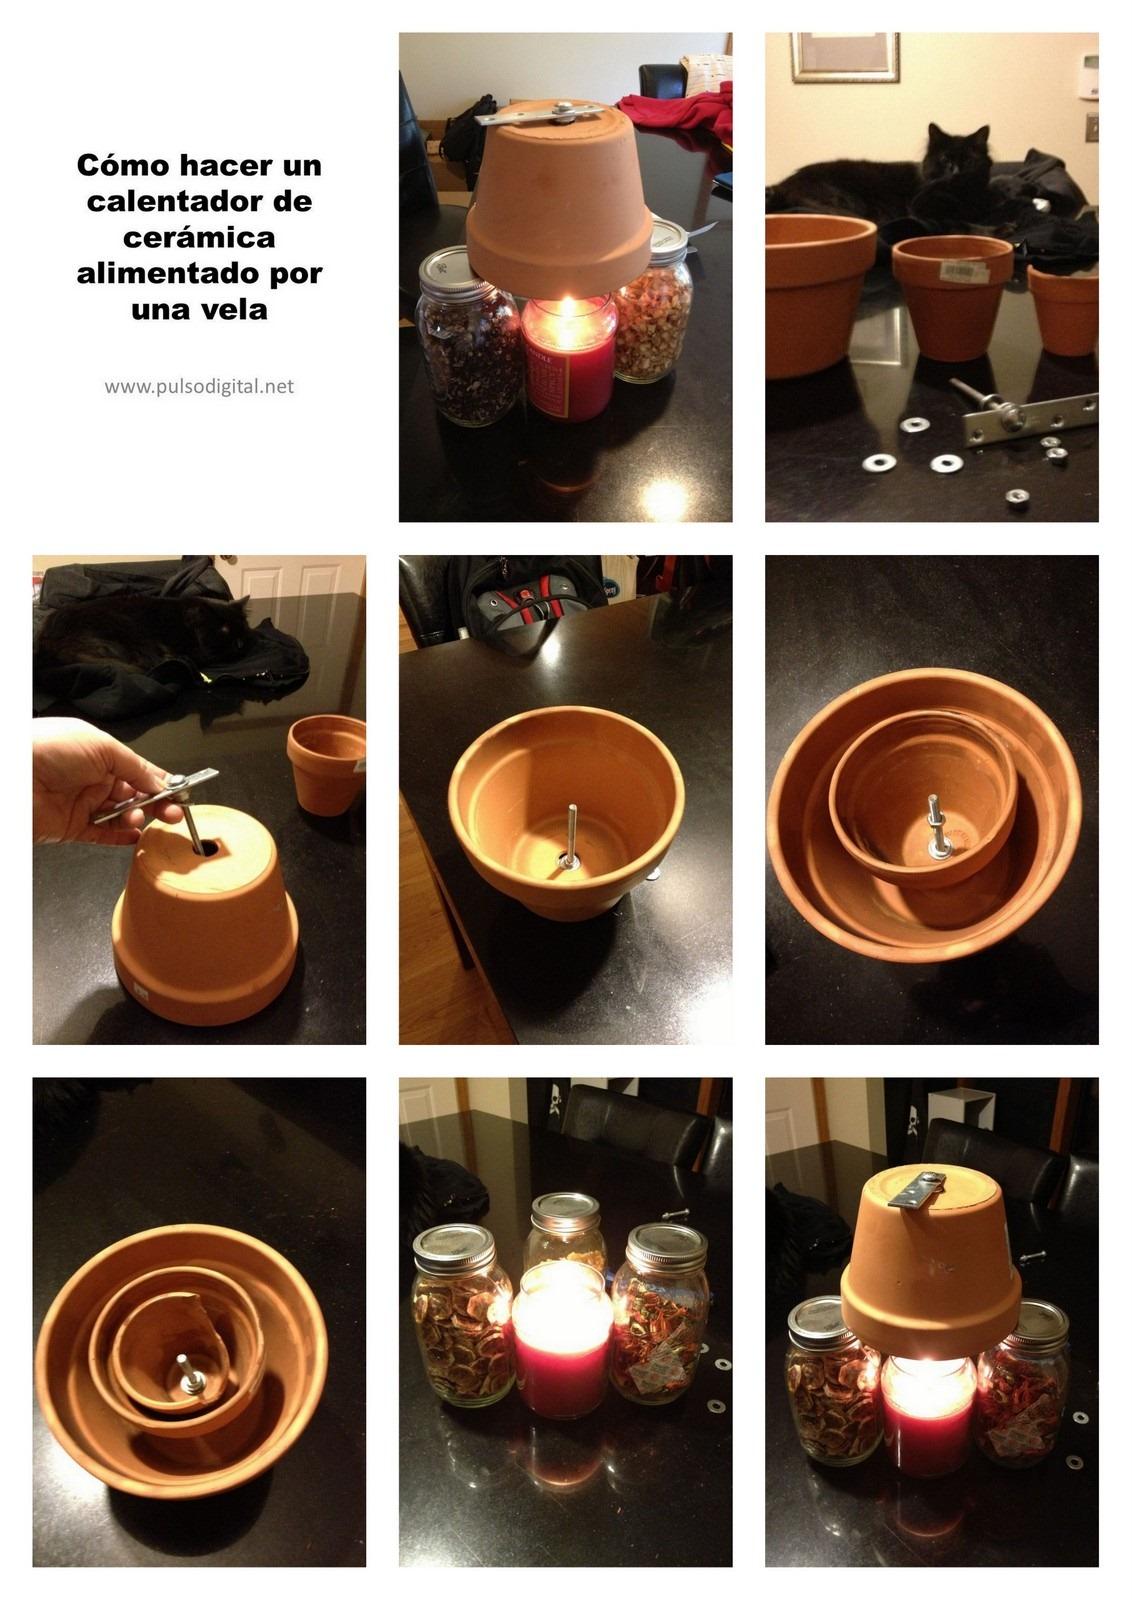 Cómo hacer un calentador de cerámica alimentado por una vela